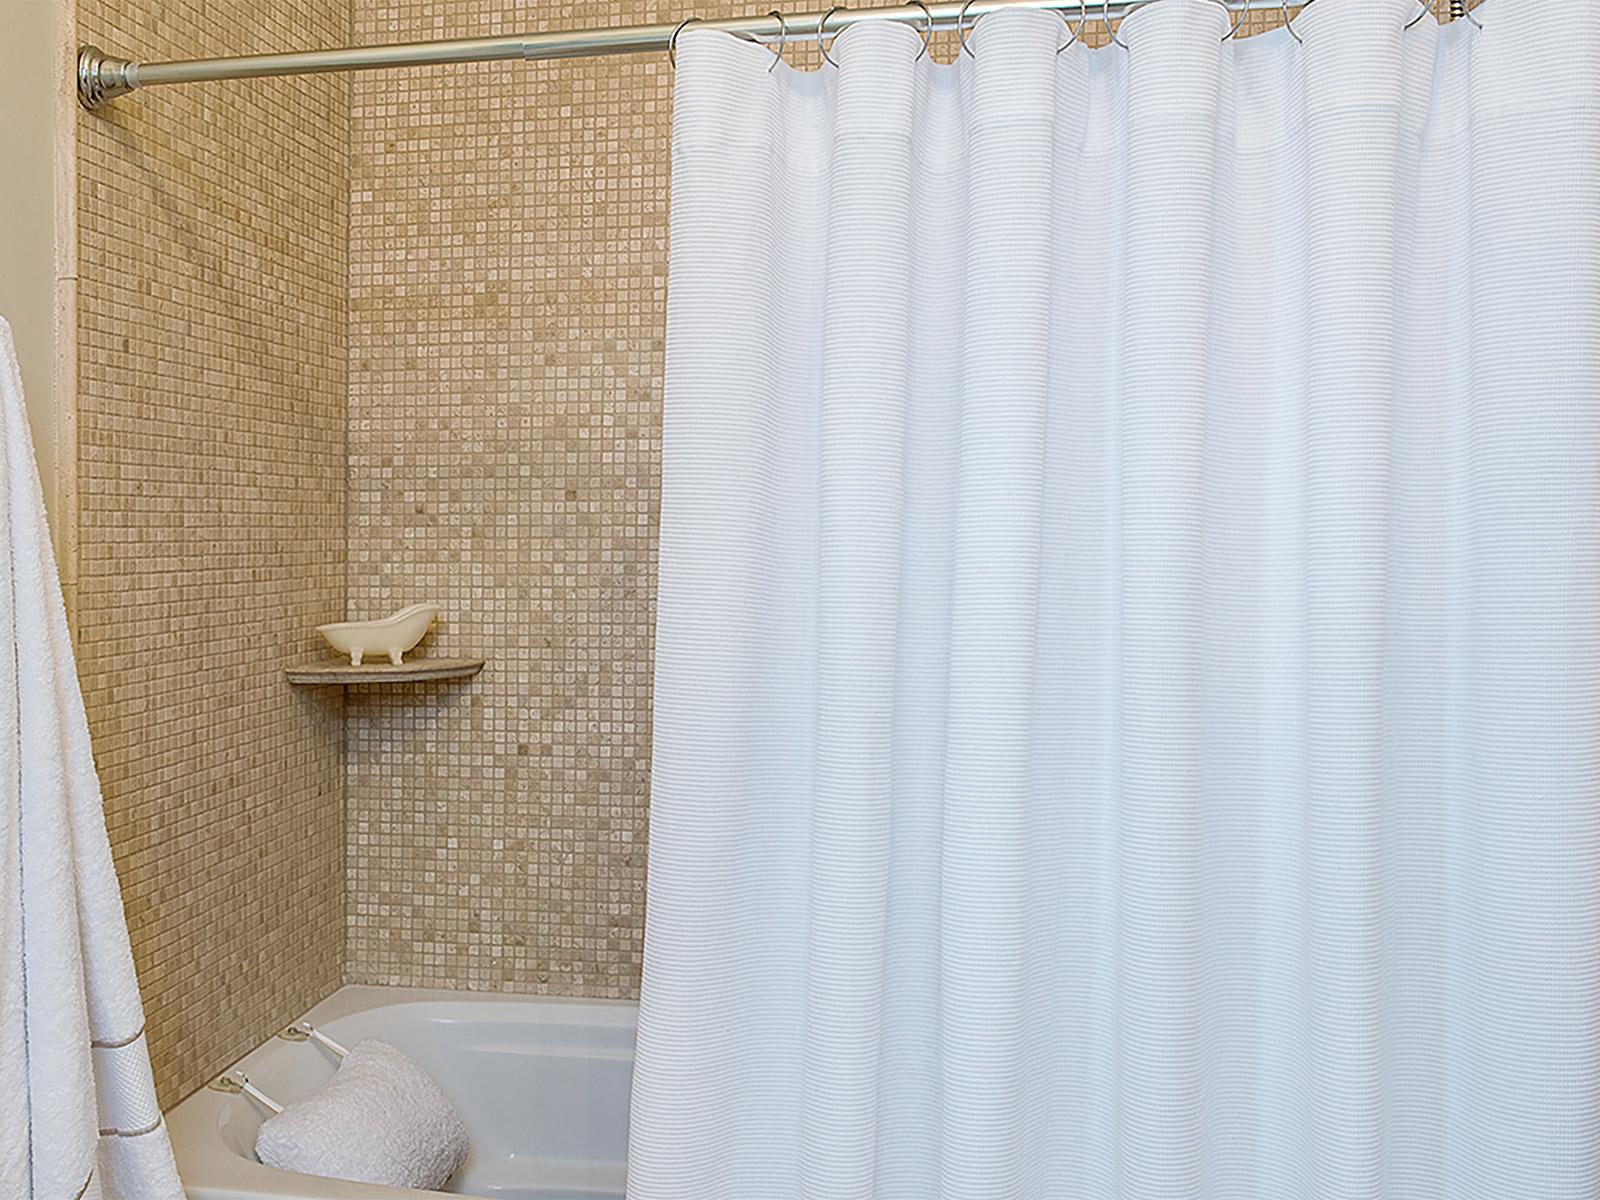 Ankara Luxury Shower Curtains Luxury Bath Accessories